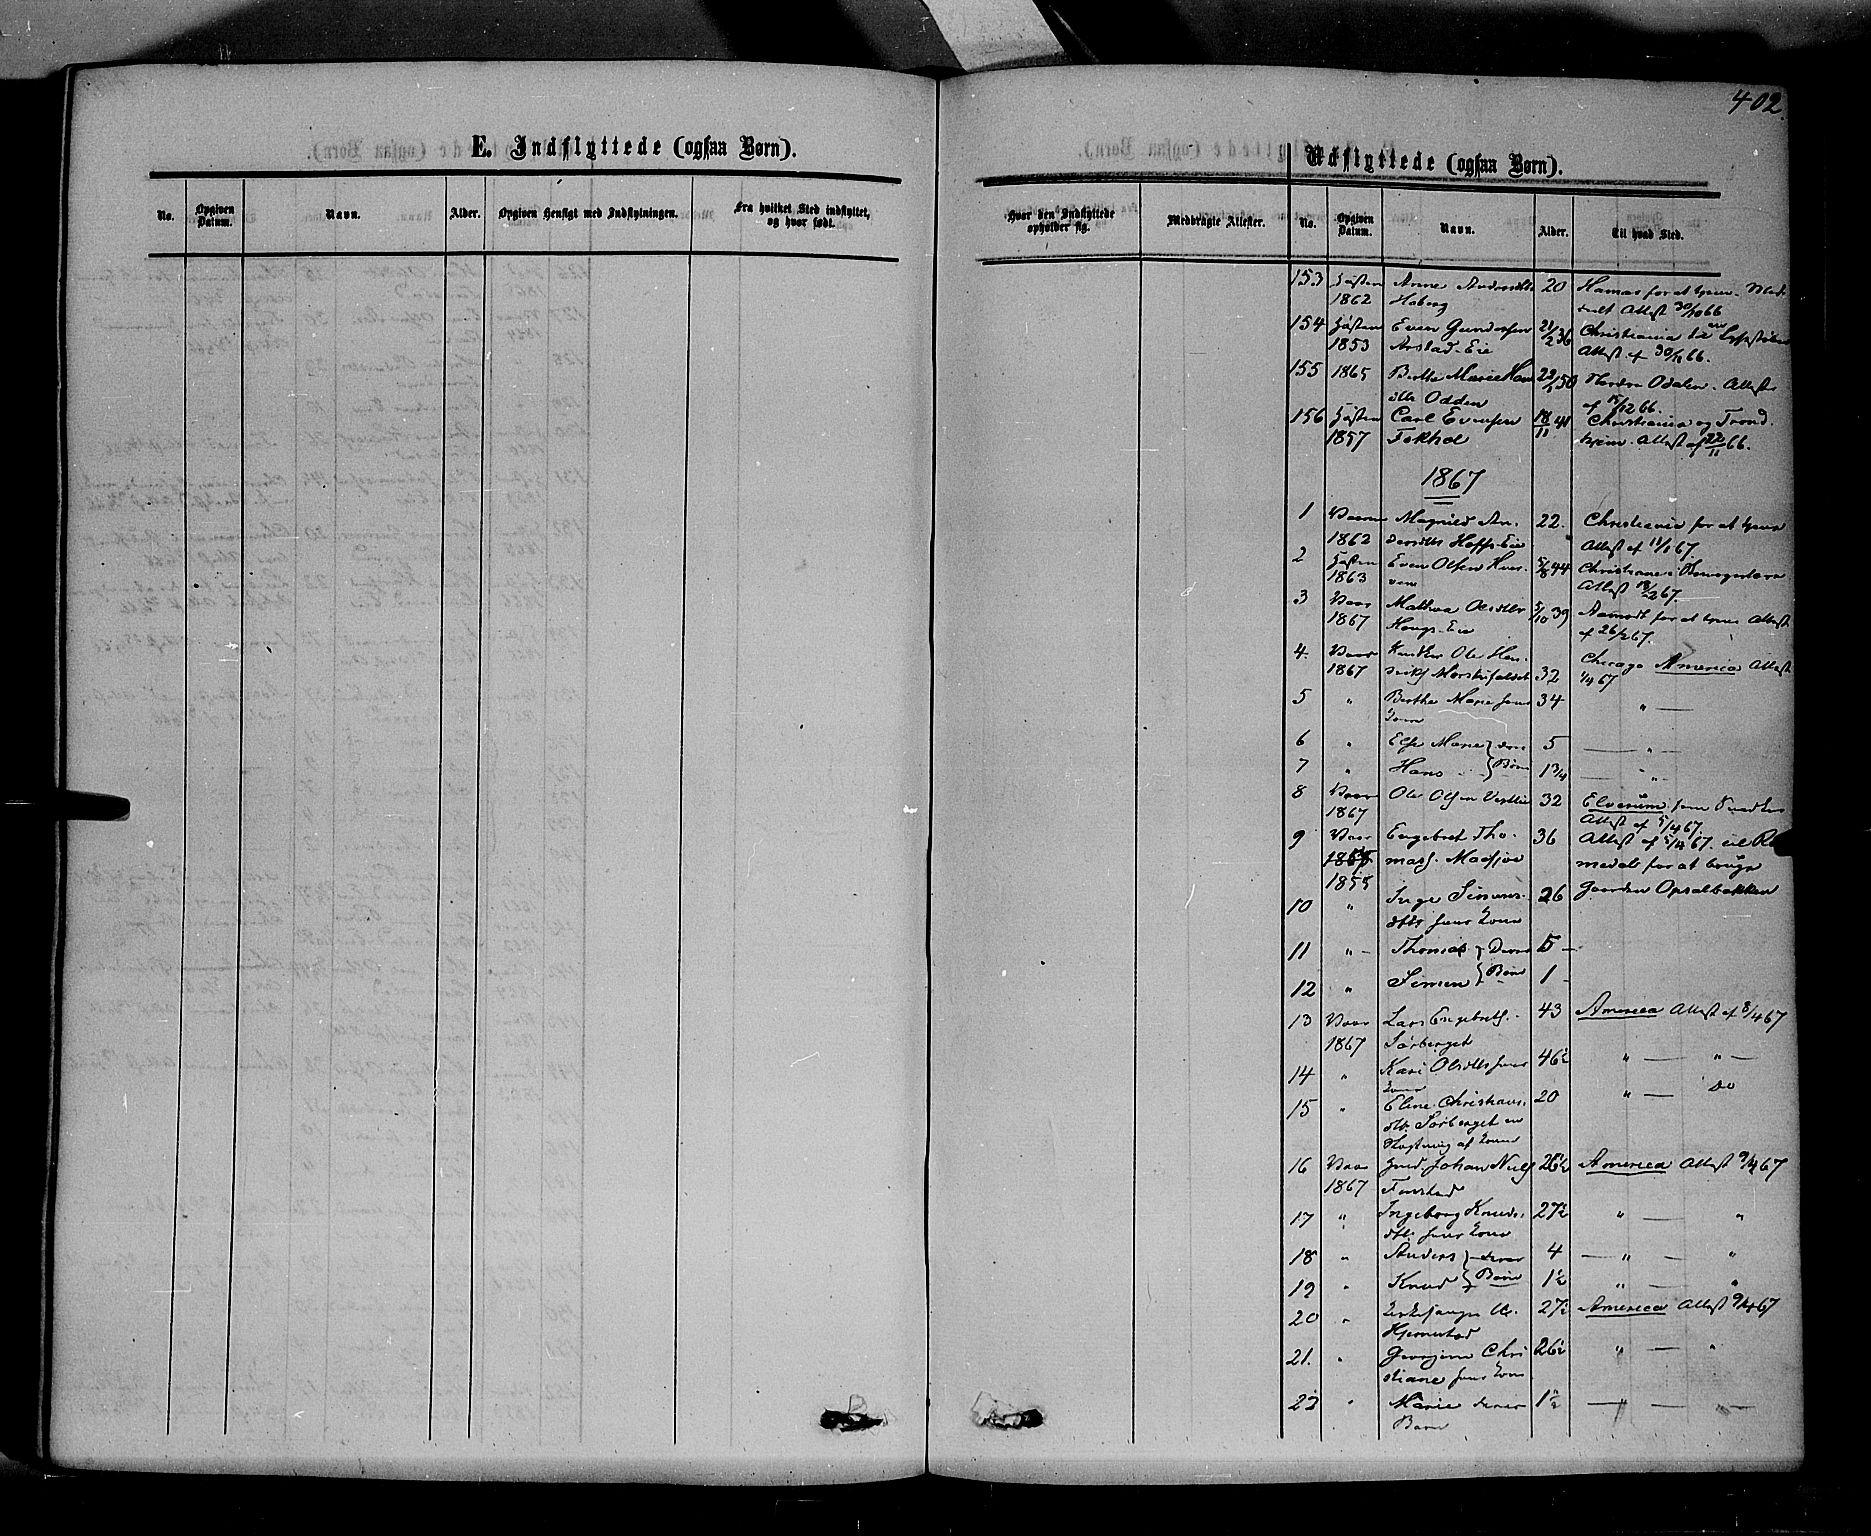 SAH, Stange prestekontor, K/L0013: Parish register (official) no. 13, 1862-1879, p. 402